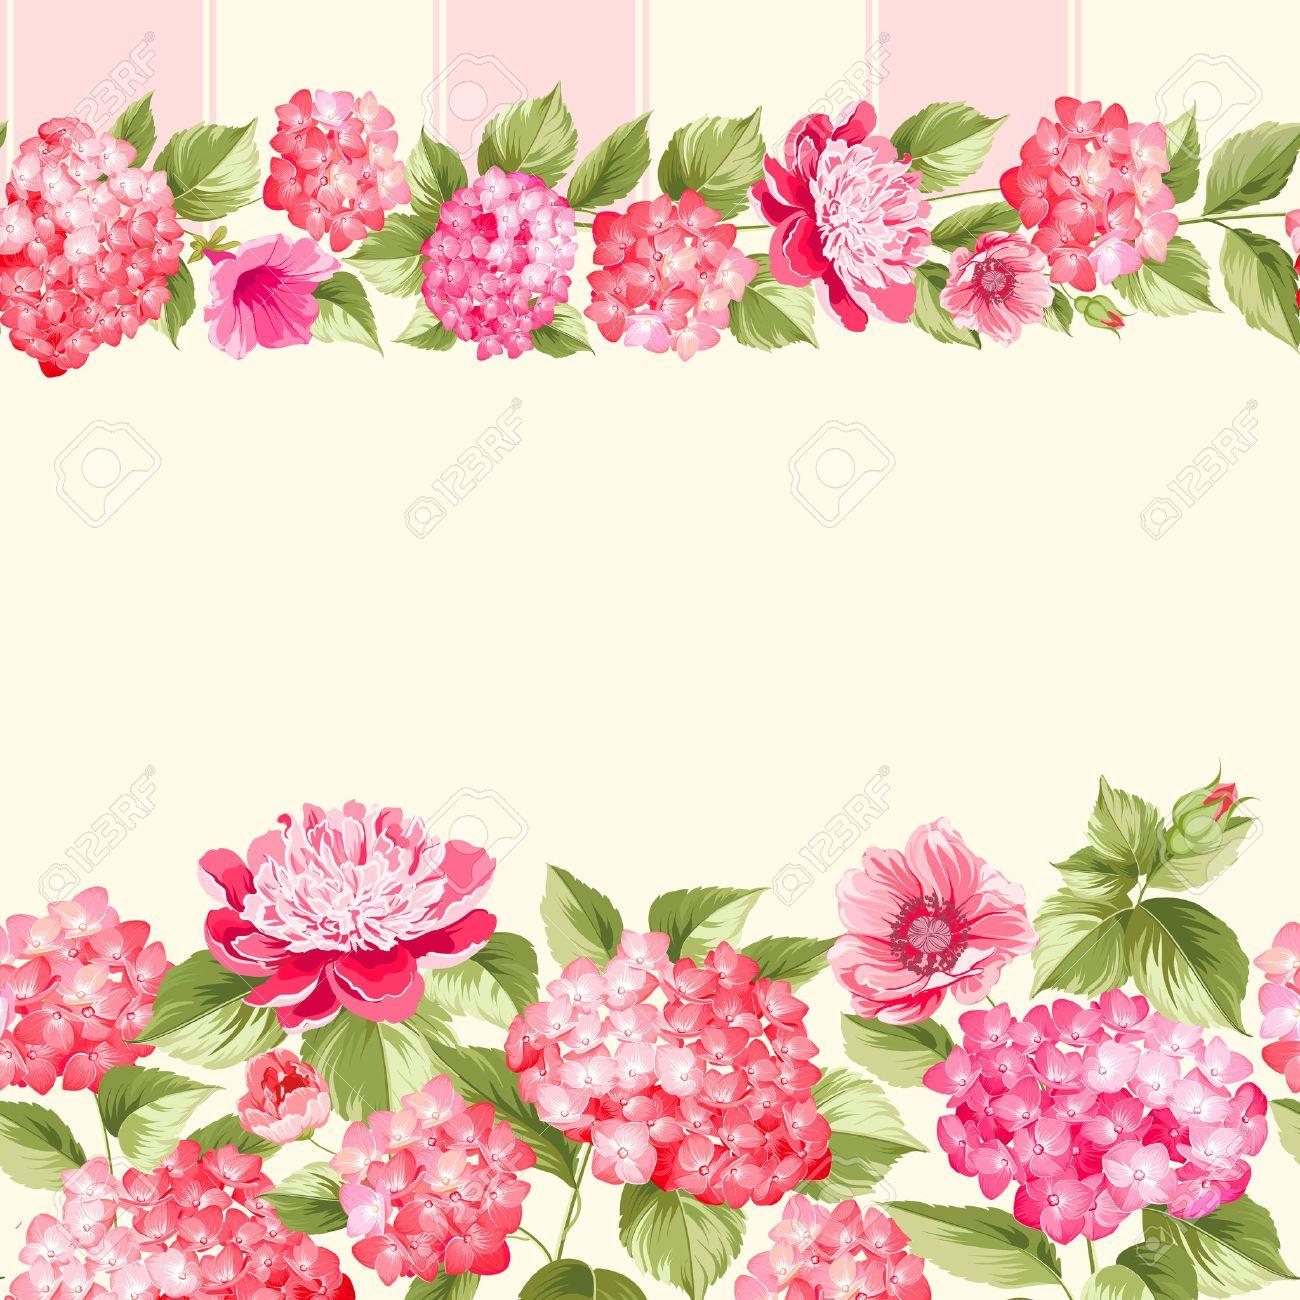 Floral Rose Wallpaper Borders